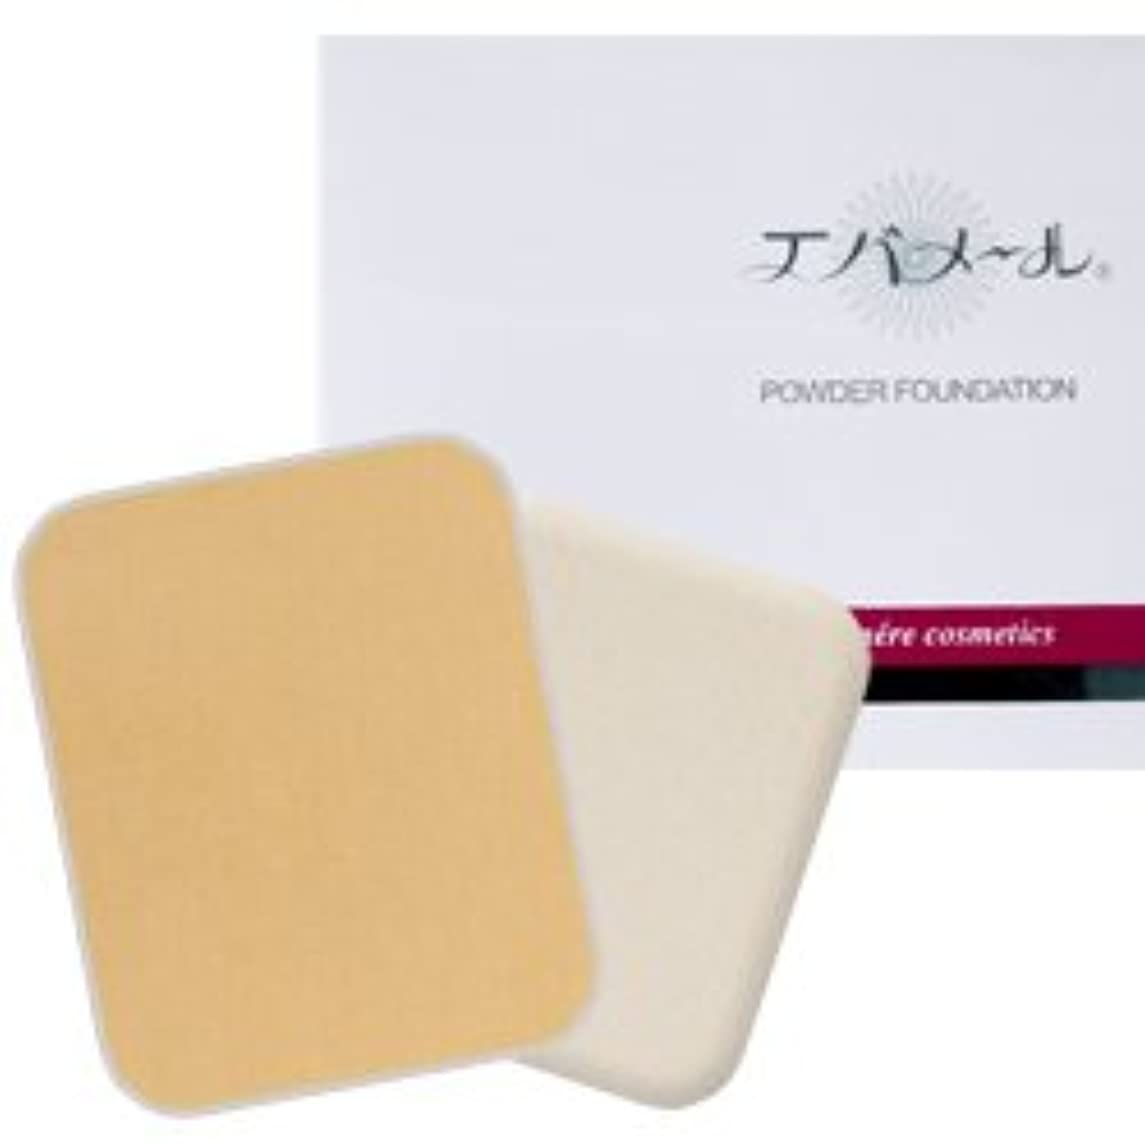 エバメール パウダー ファンデーション 露肌 SPF20 PA++ 【詰め替え用】 ベージュ (在庫)